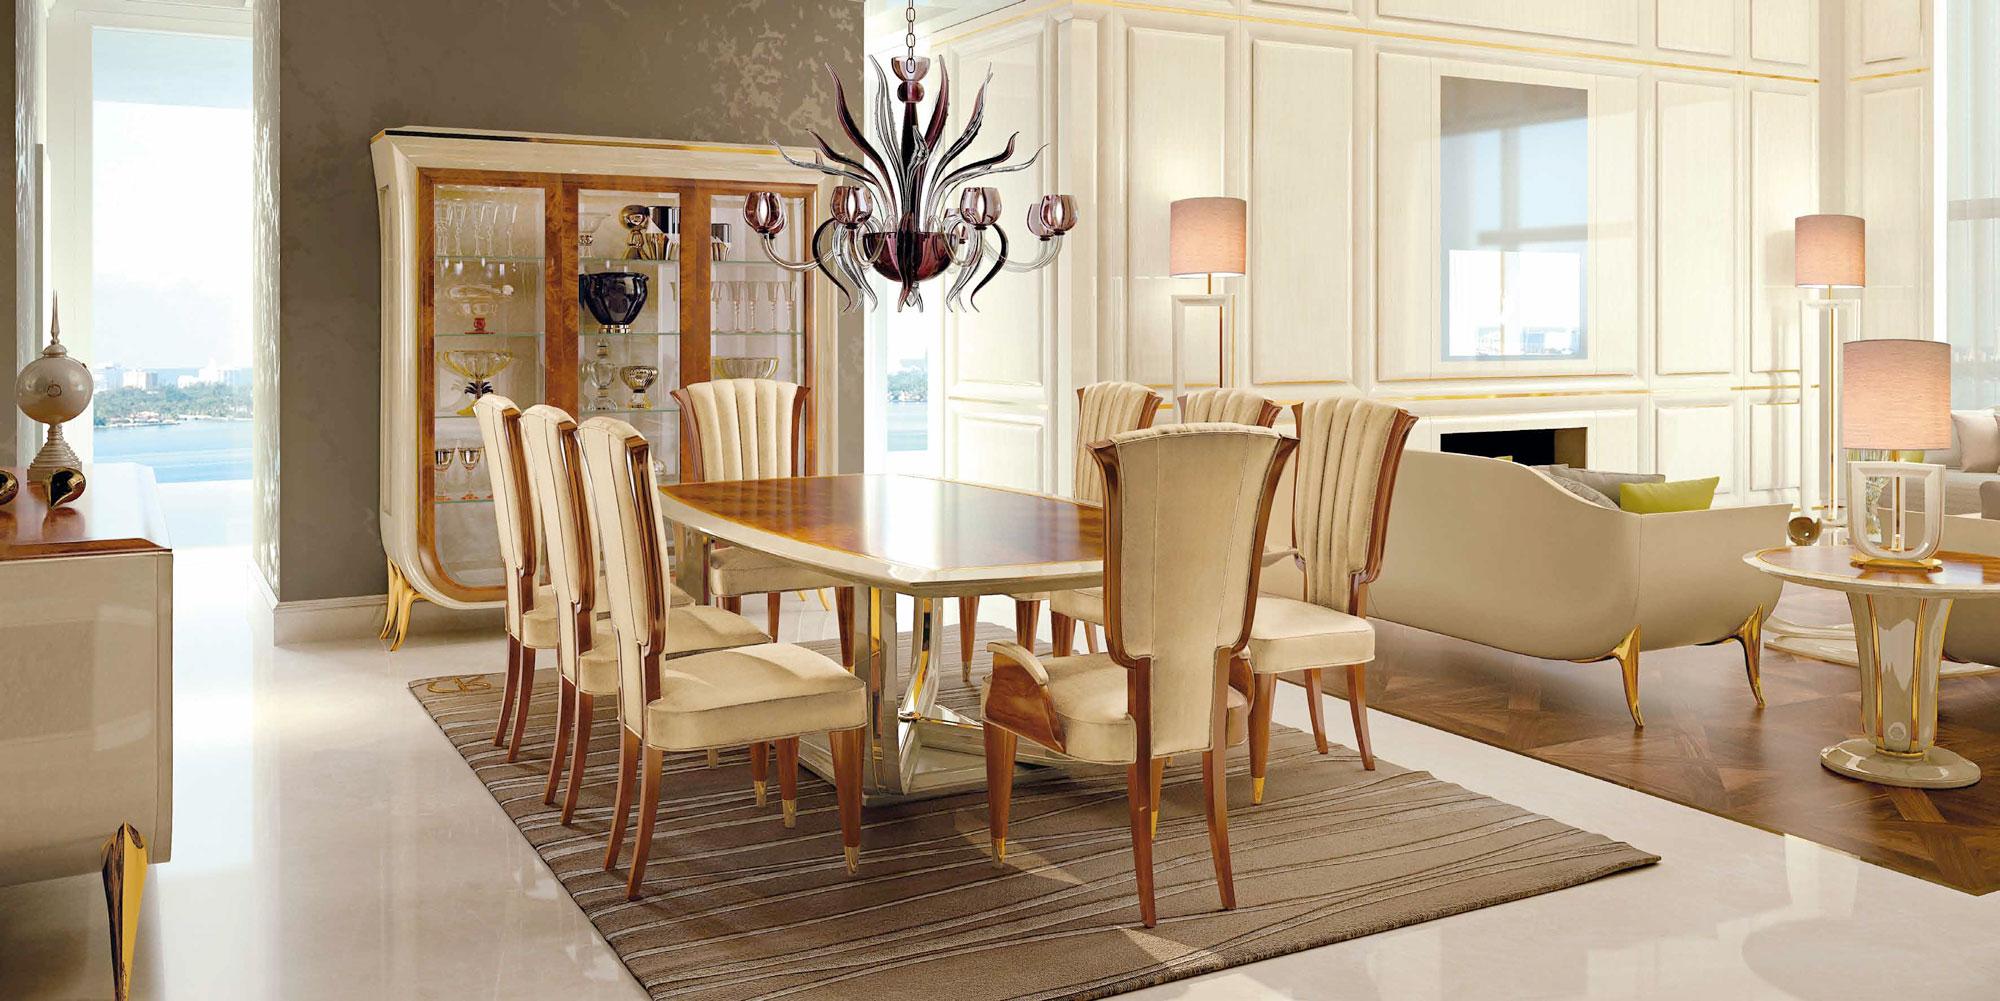 #AE811D Mobilier Art Déco Meubles Sur Mesure Hifigeny 3913 salle à manger style art déco 2000x1001 px @ aertt.com